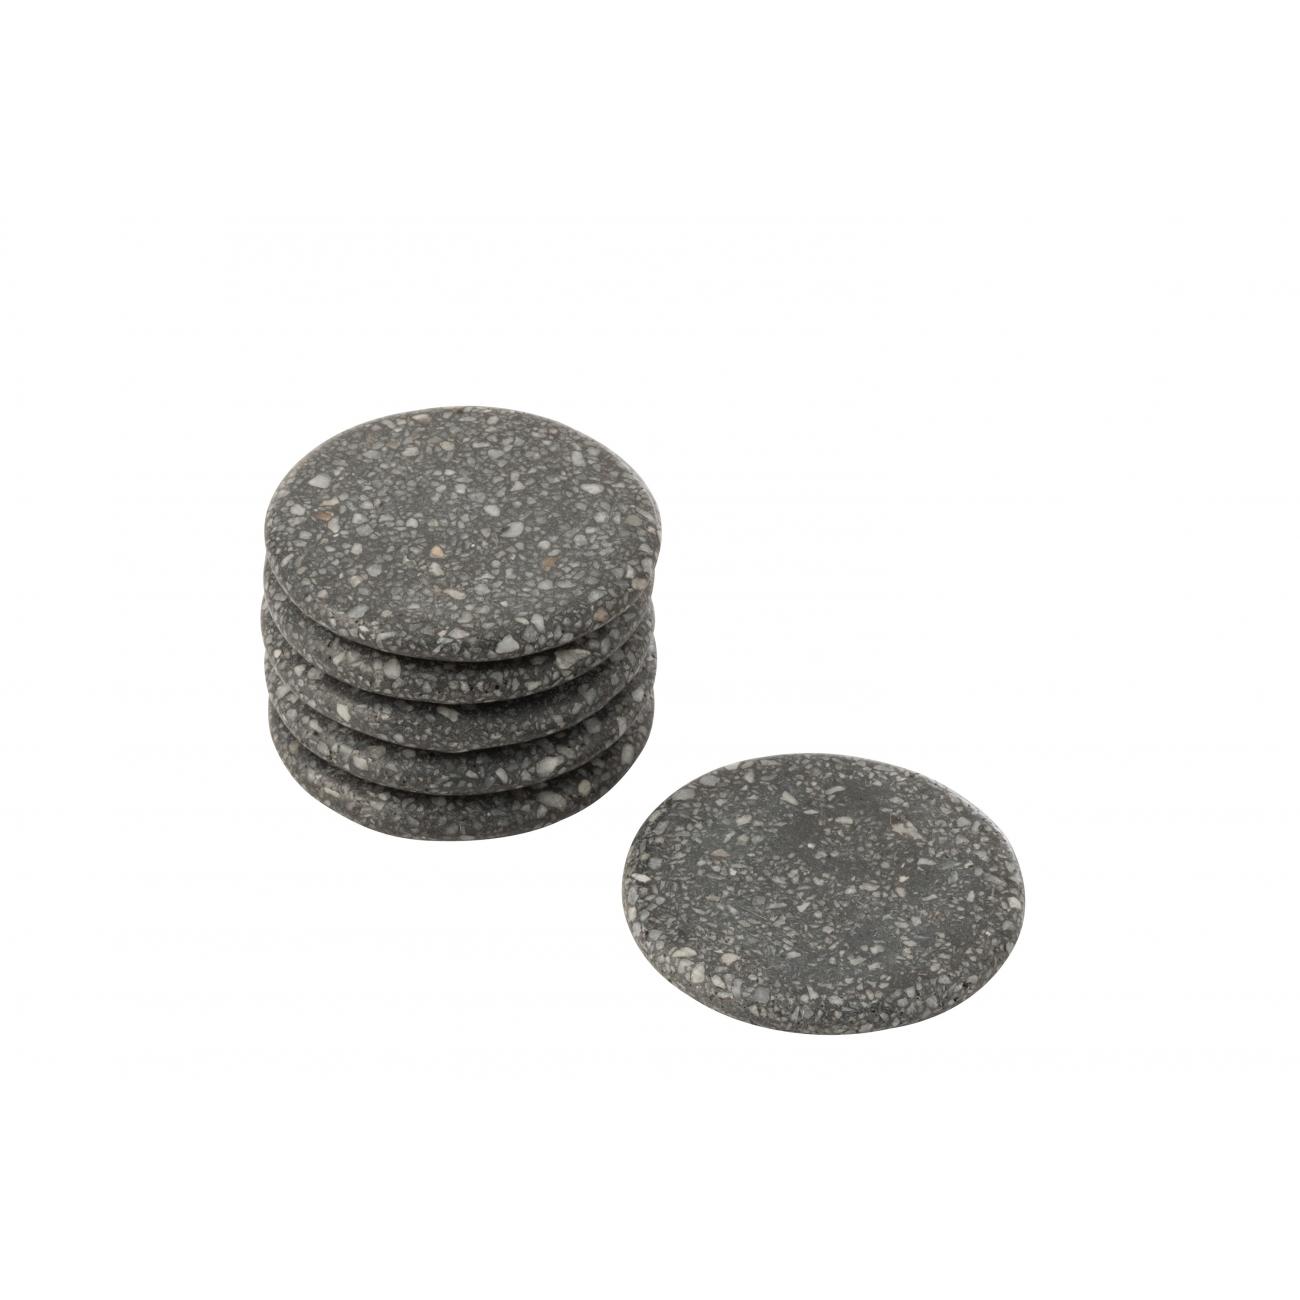 Подставки под чашки J-LINE камень серого цвета  набор из 6-ти штук Бельгия